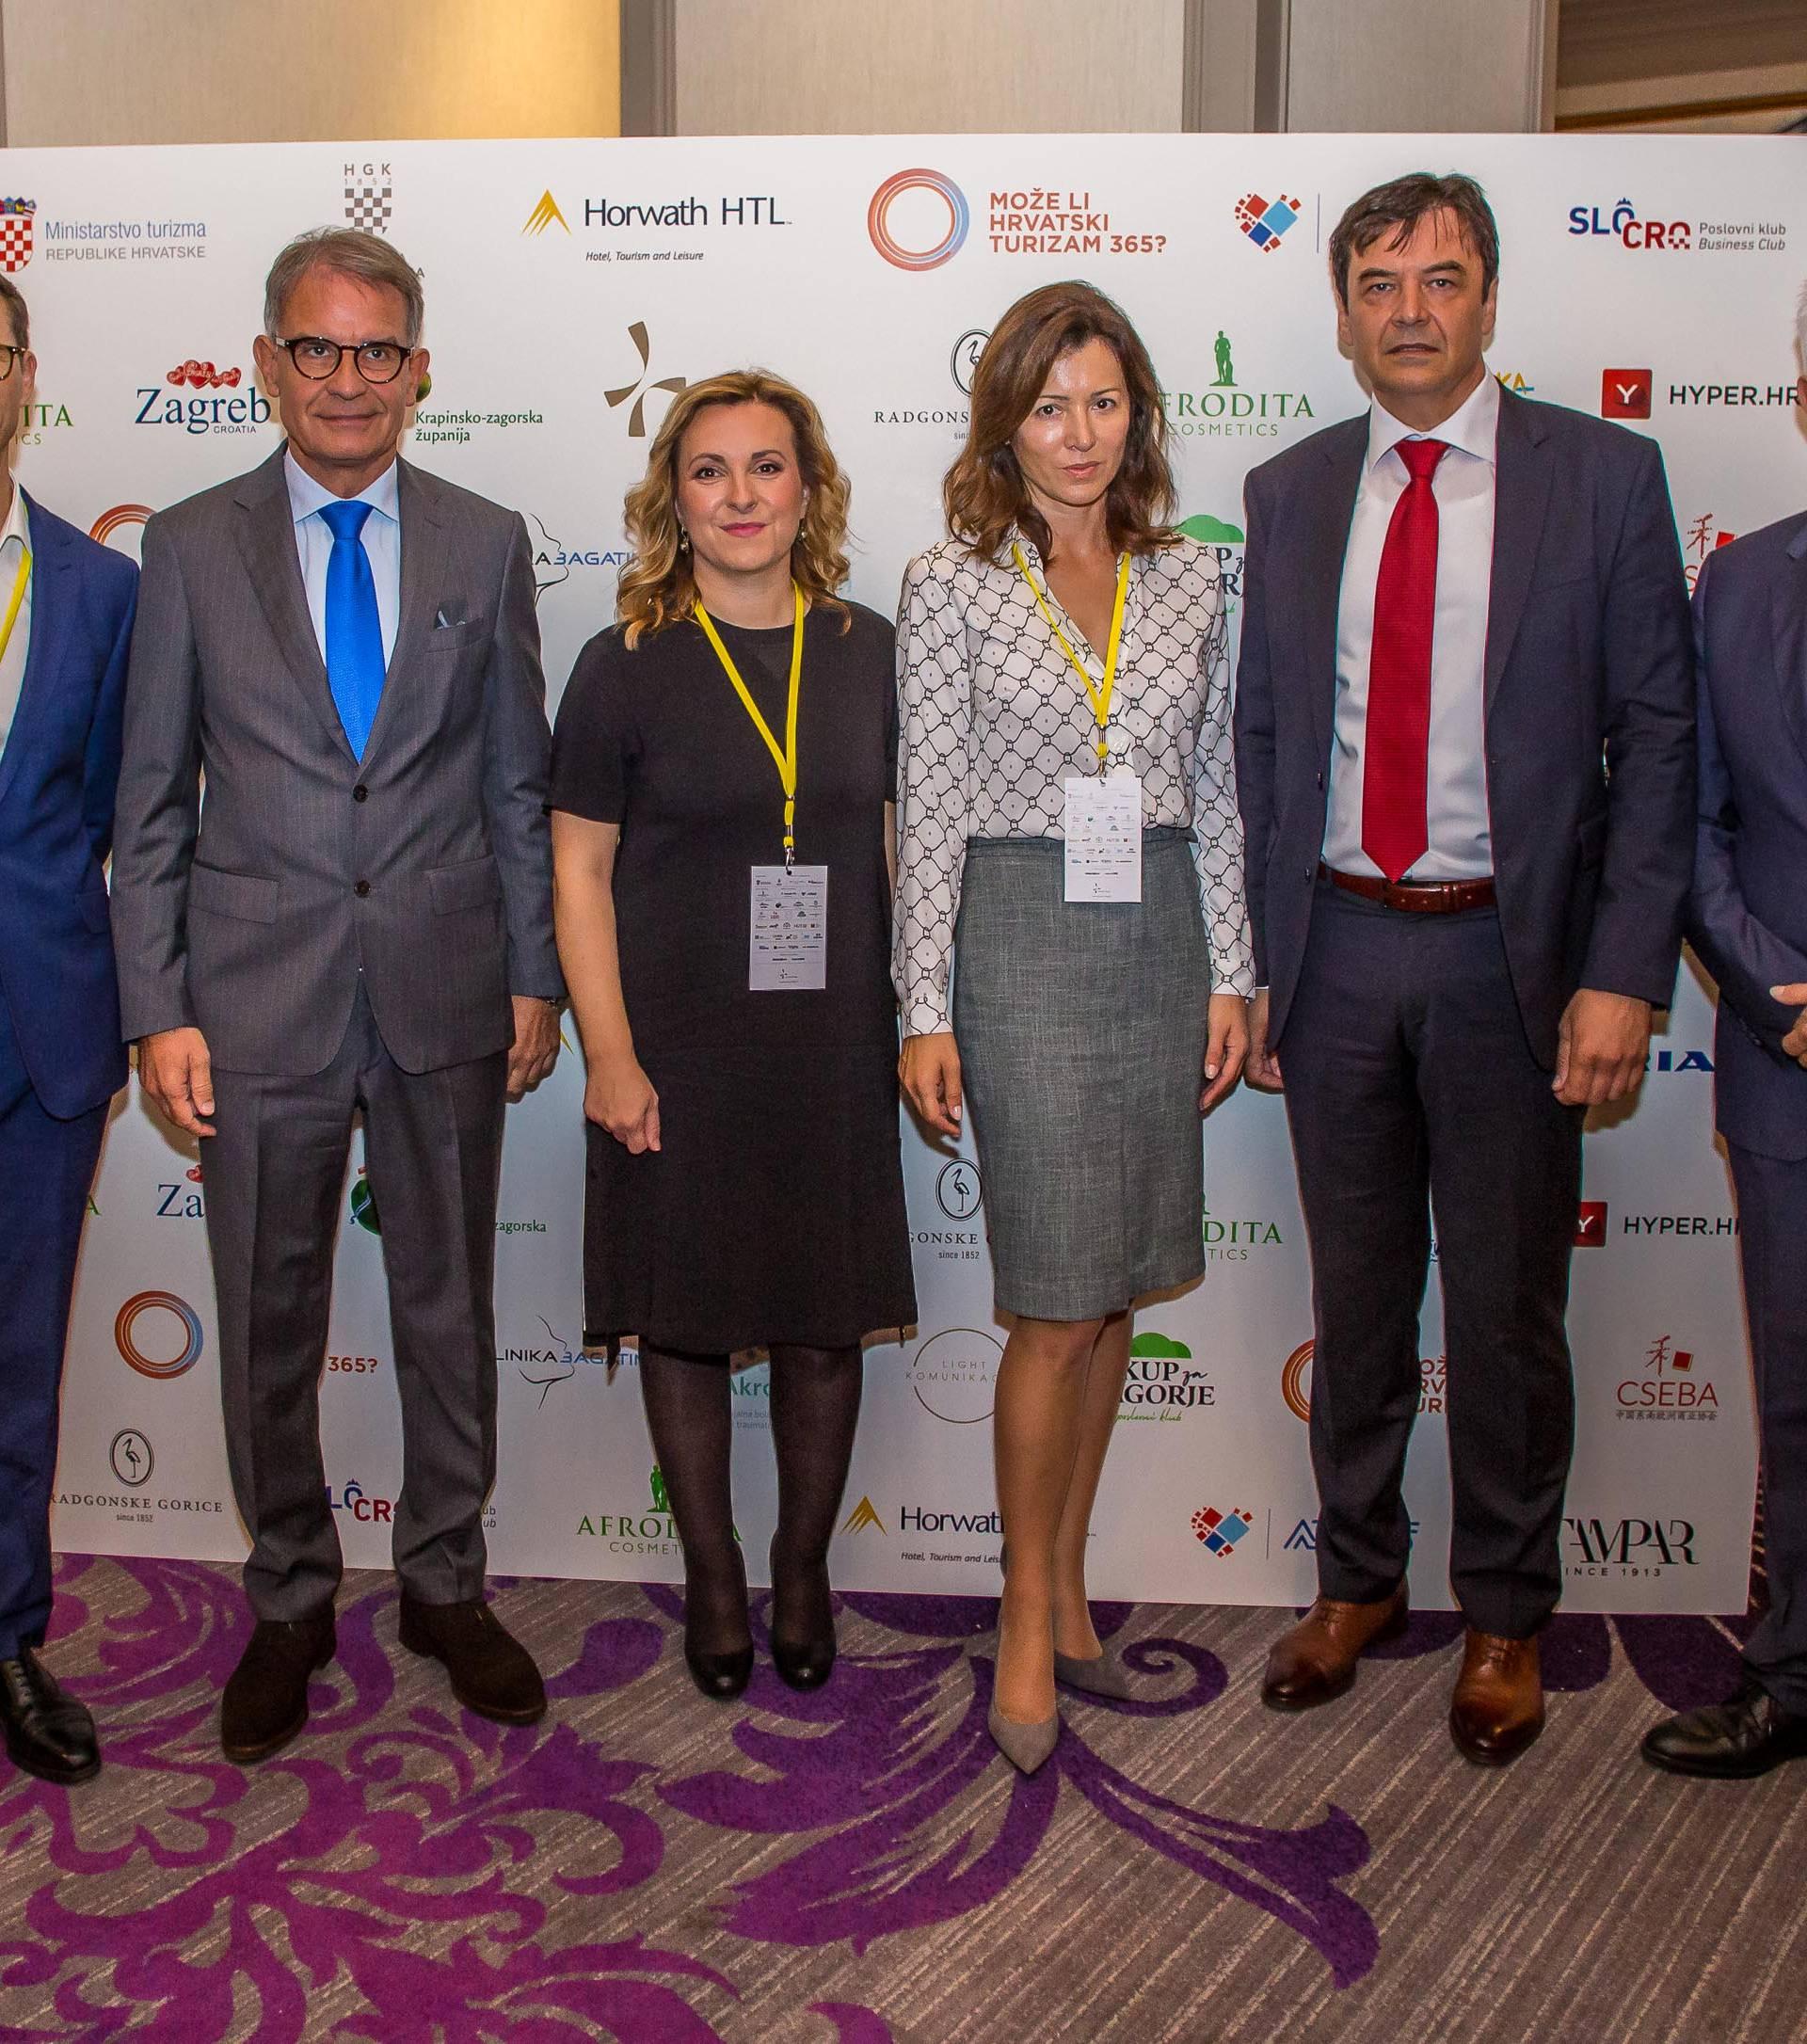 Održana treća konferencija o cjelogodišnjem turizmu